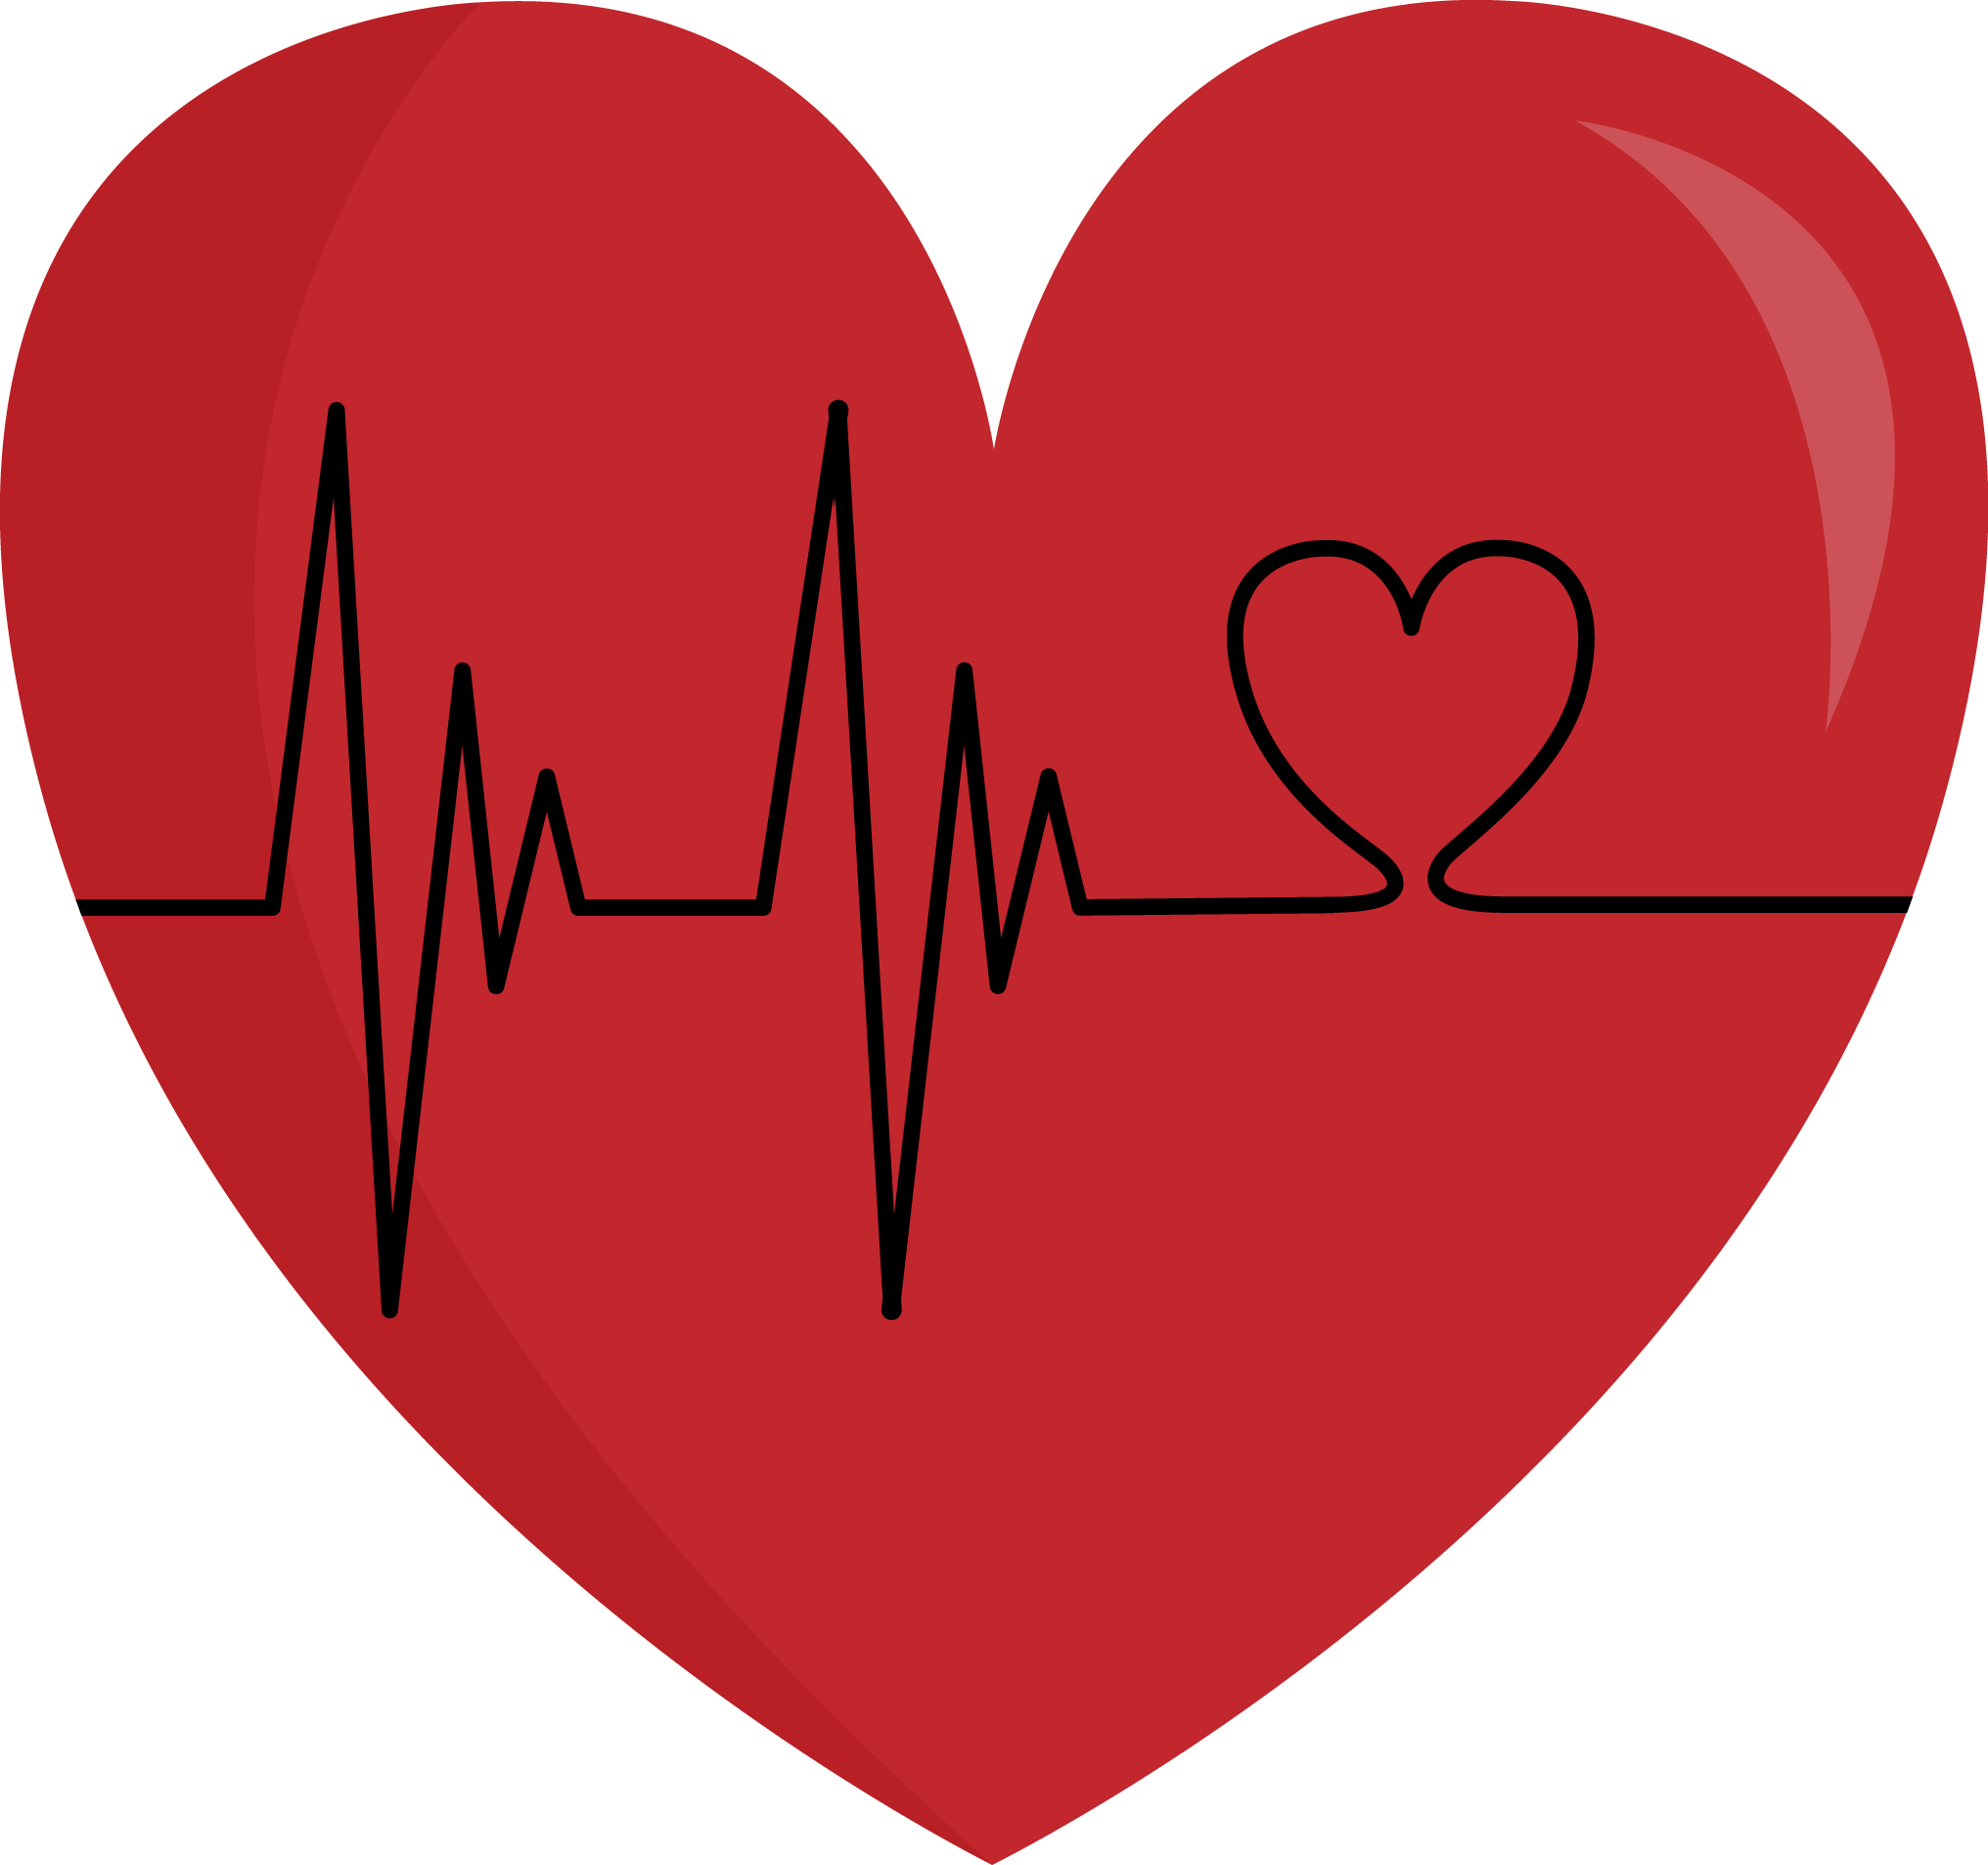 Cardiac group heartbeat heart. Hearts clipart doctor